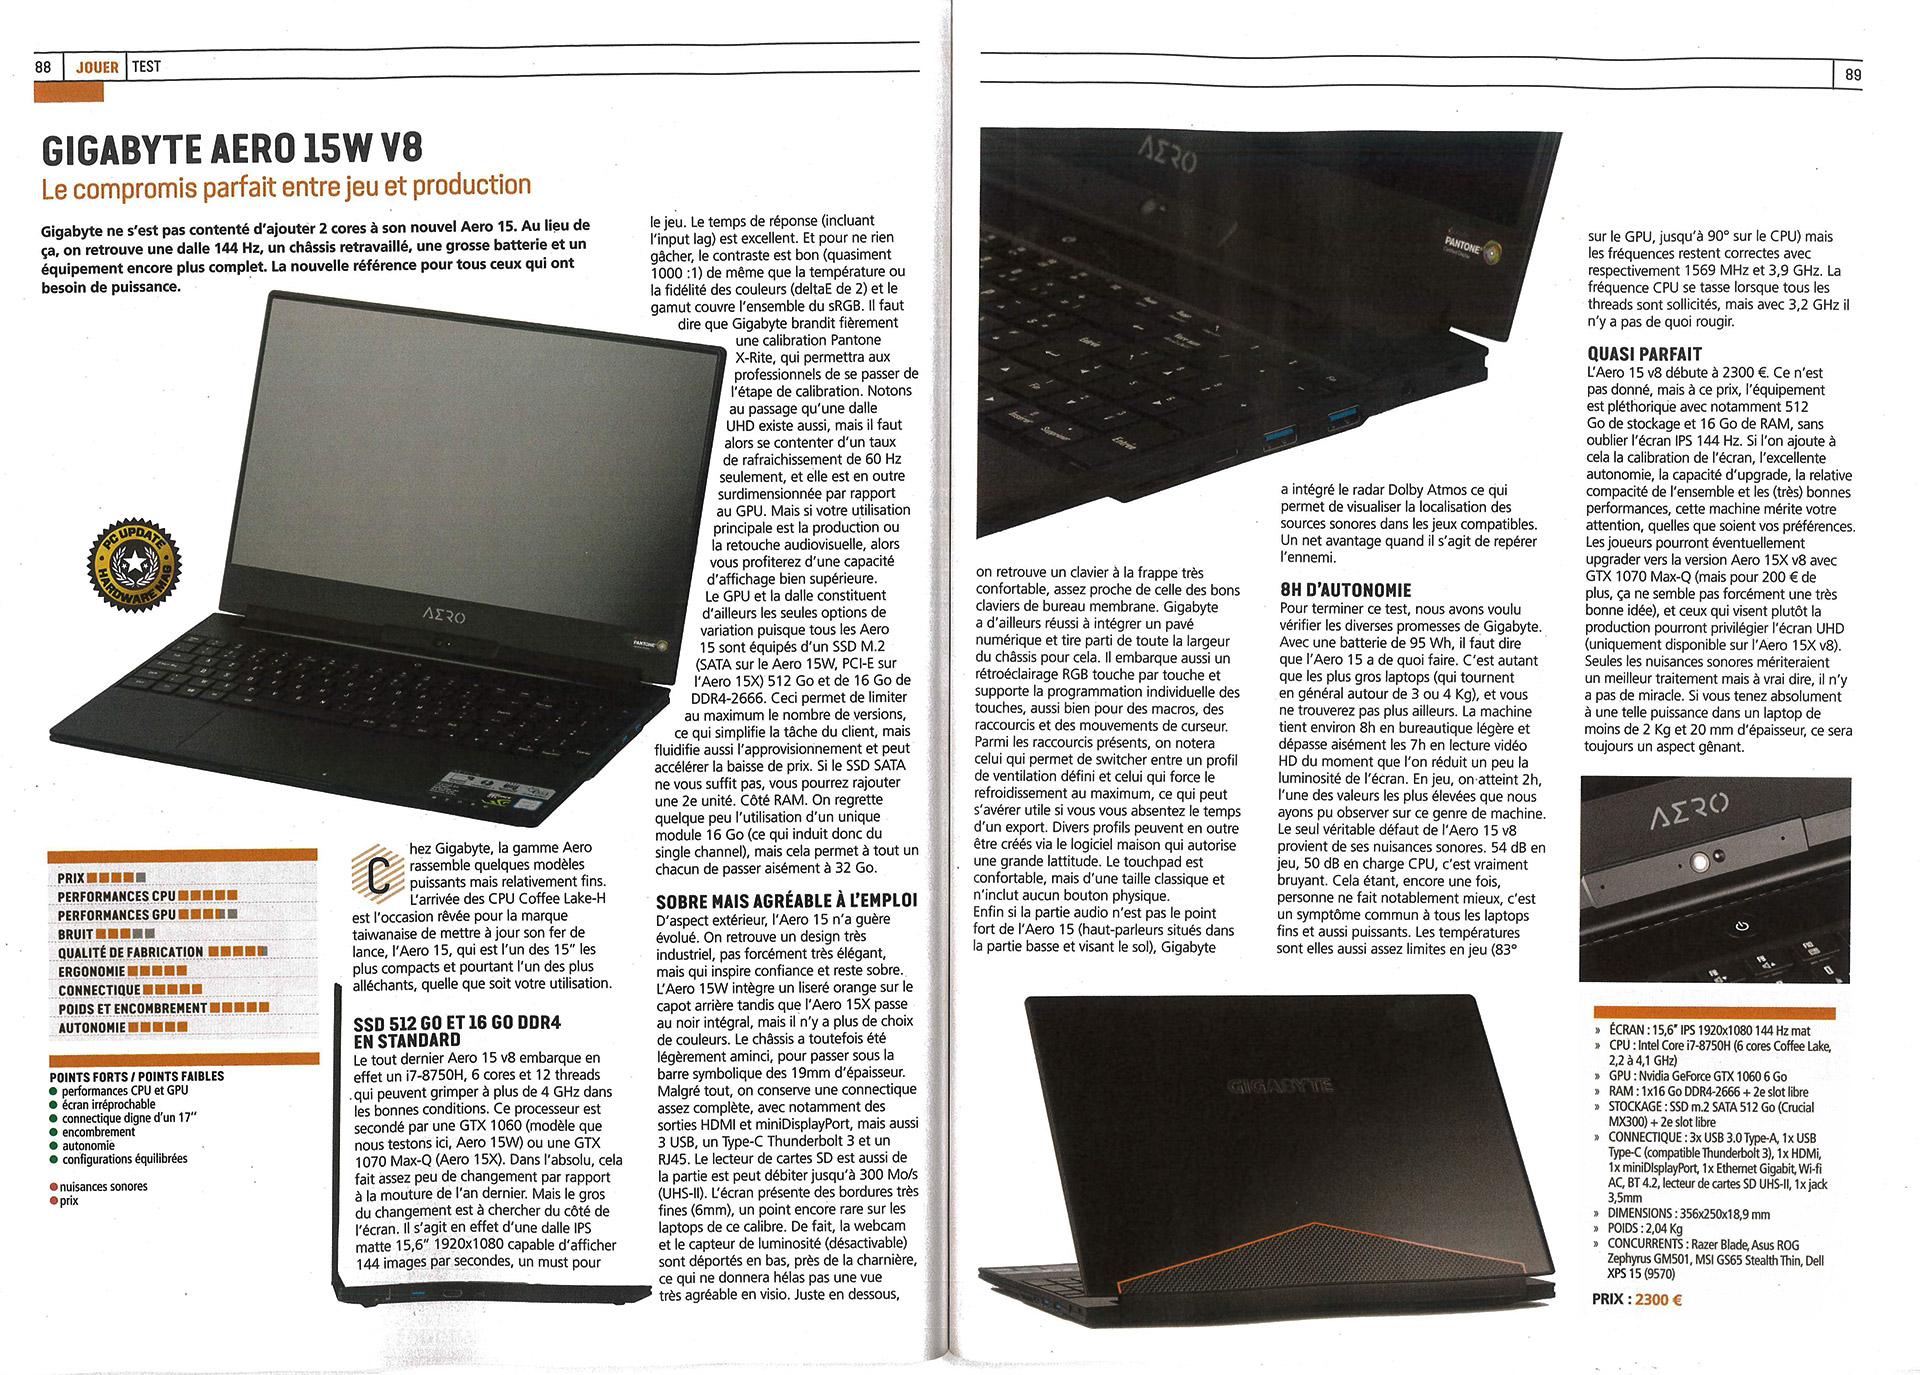 AERO 15 (i7-8750H)   Laptop - GIGABYTE Global 6be6760cd24f